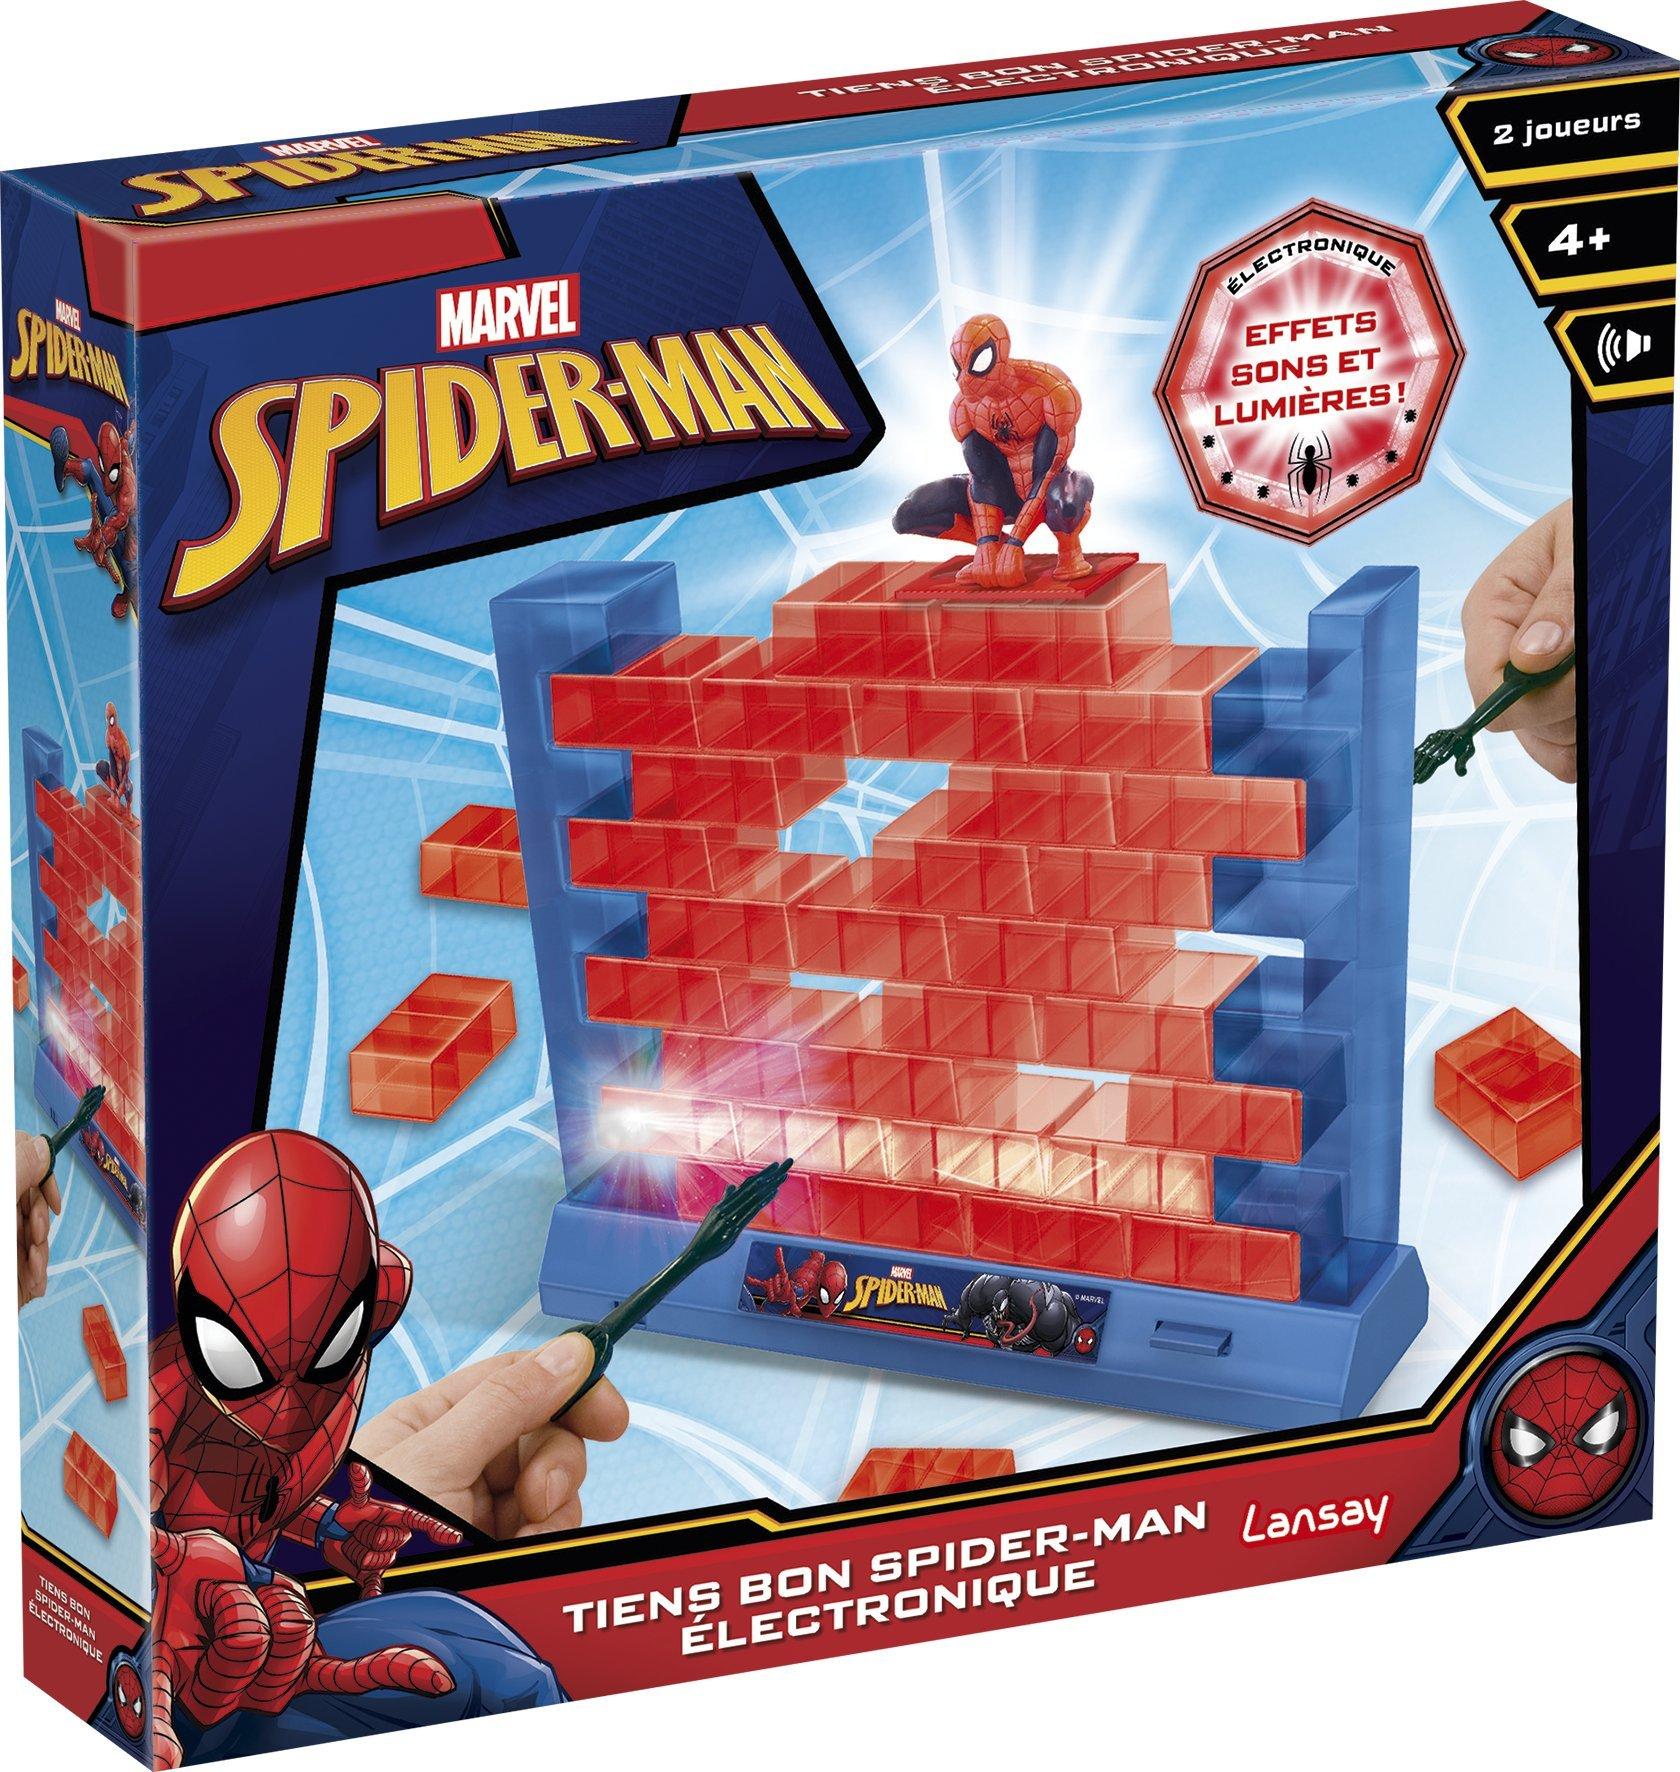 Lansay - 75046 - Tiens Bon Spiderman Électronique product image